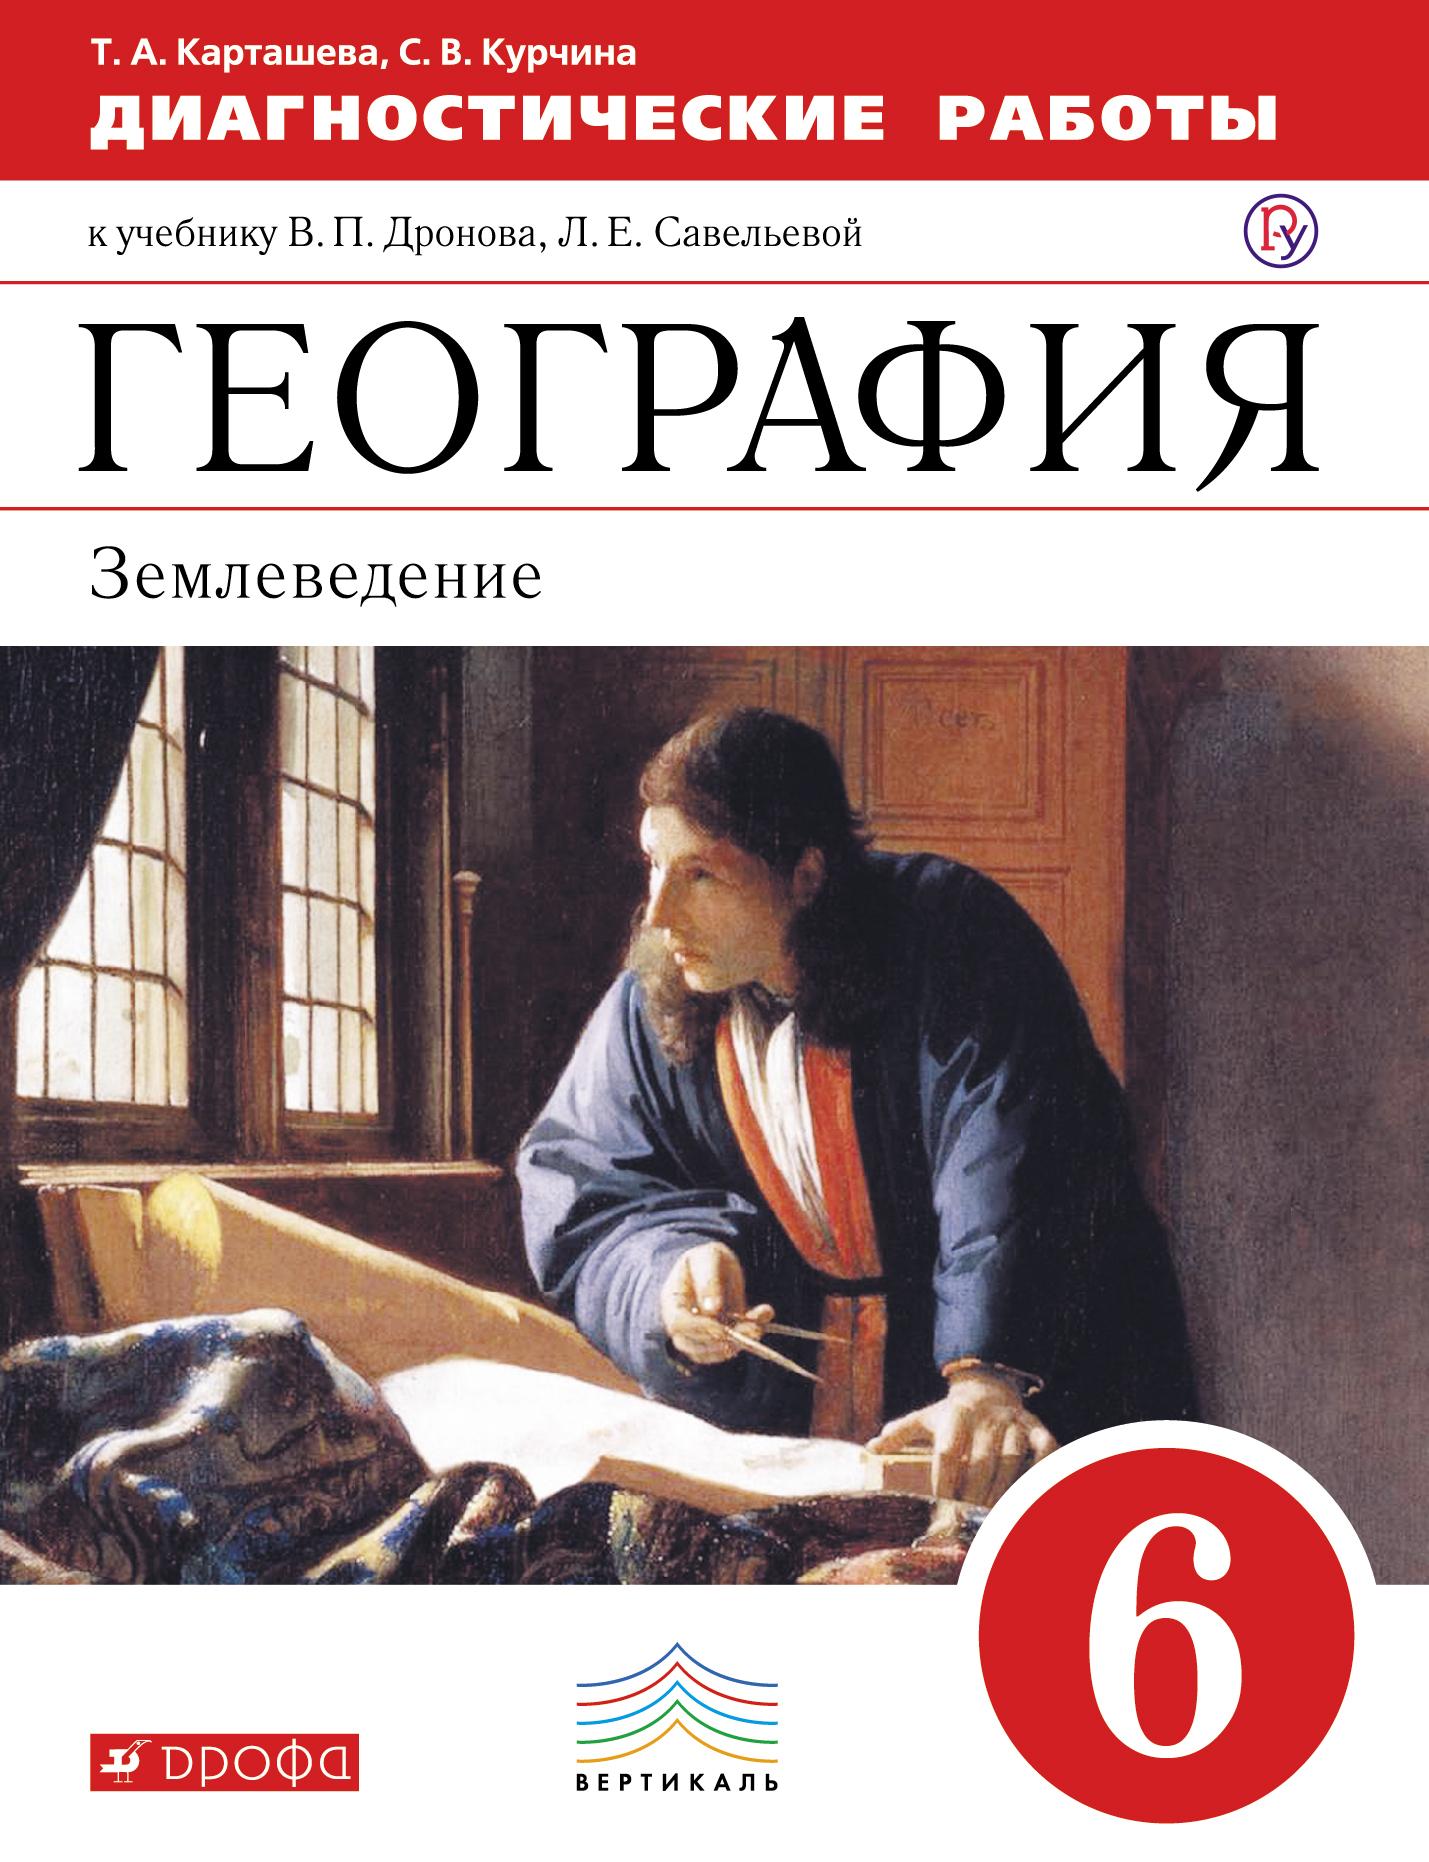 Диагностические работы к уч Дронова